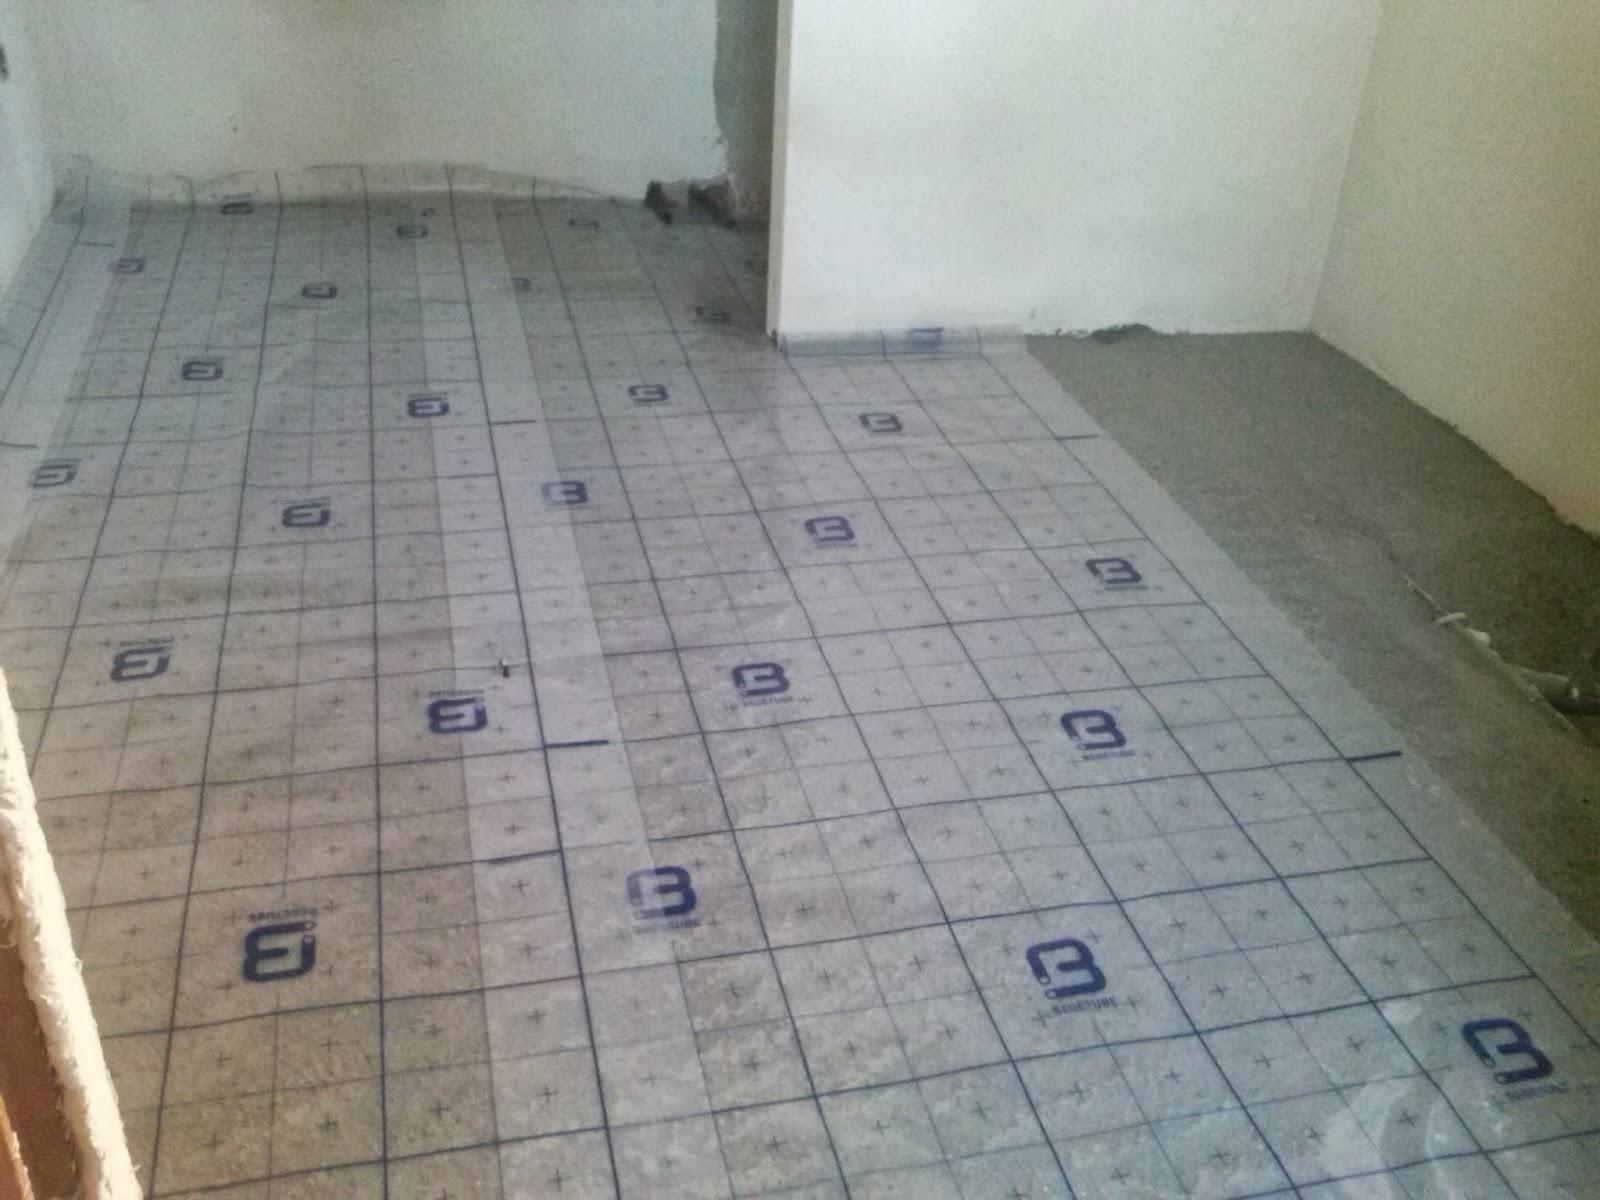 En de rest van de vloerverwarming werd gelegd en weer weggewerkt ...